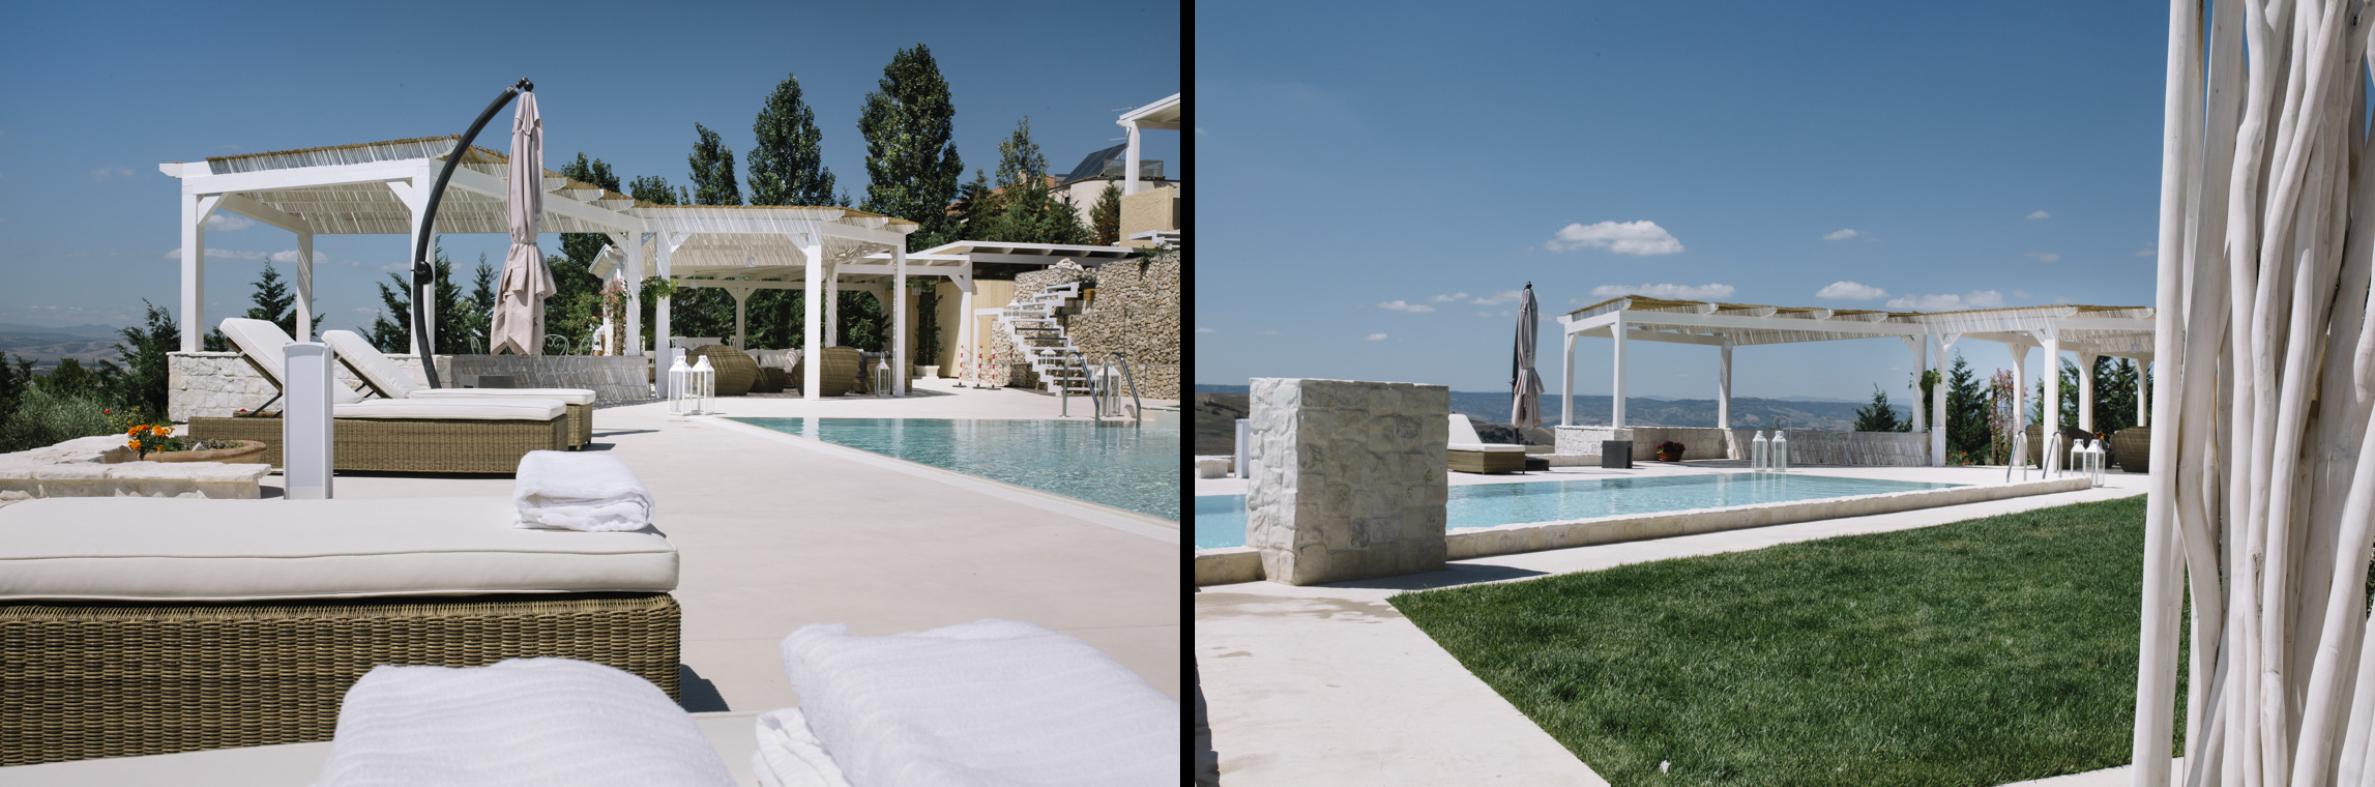 piscina vacanza holiday swimming pool